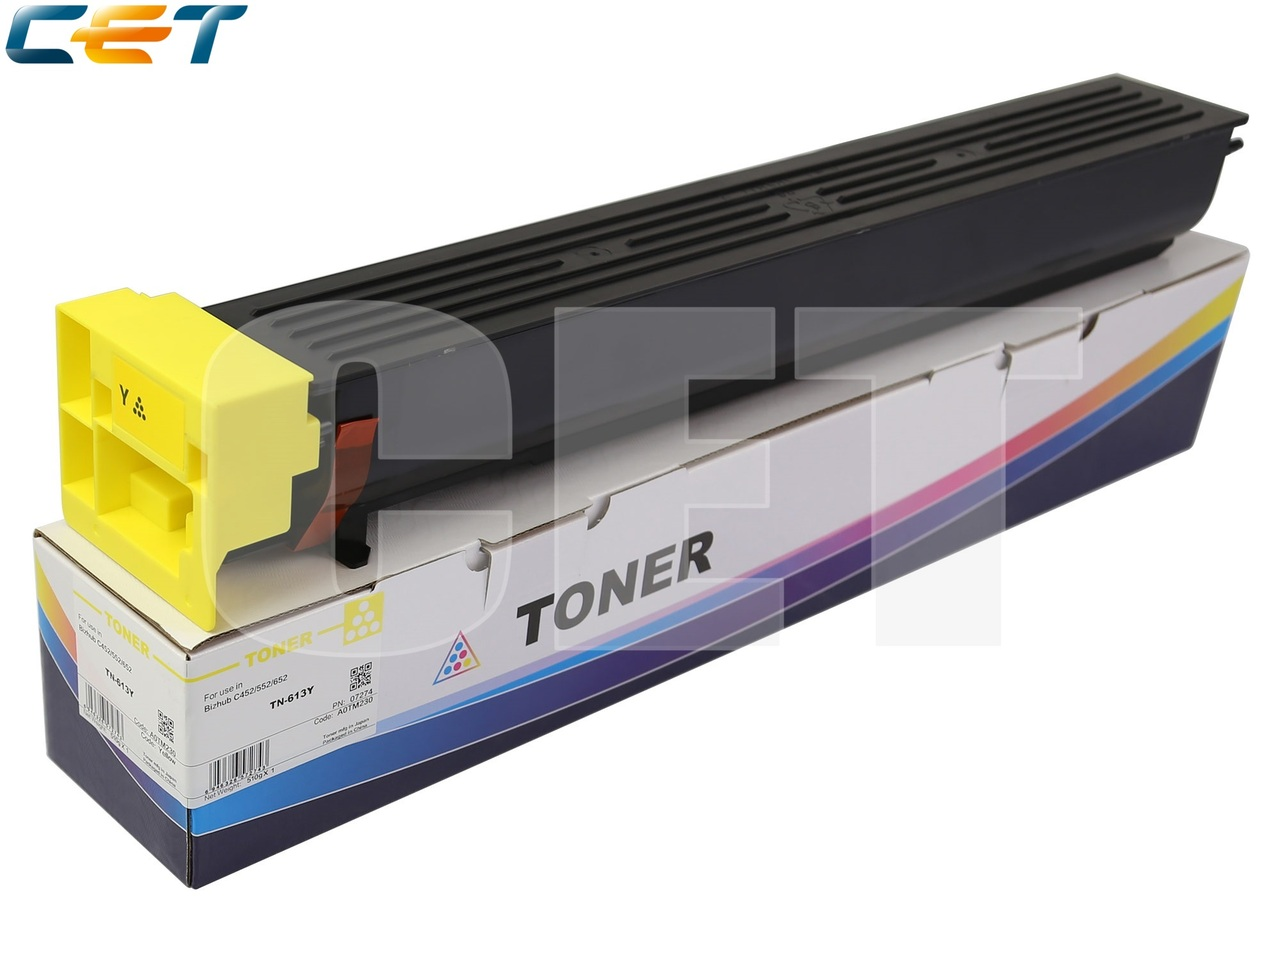 Тонер-картридж TN-613Y для KONICA MINOLTA BizhubC452/C552/C652 (CET) Yellow, 510г, 30000 стр., CET7274